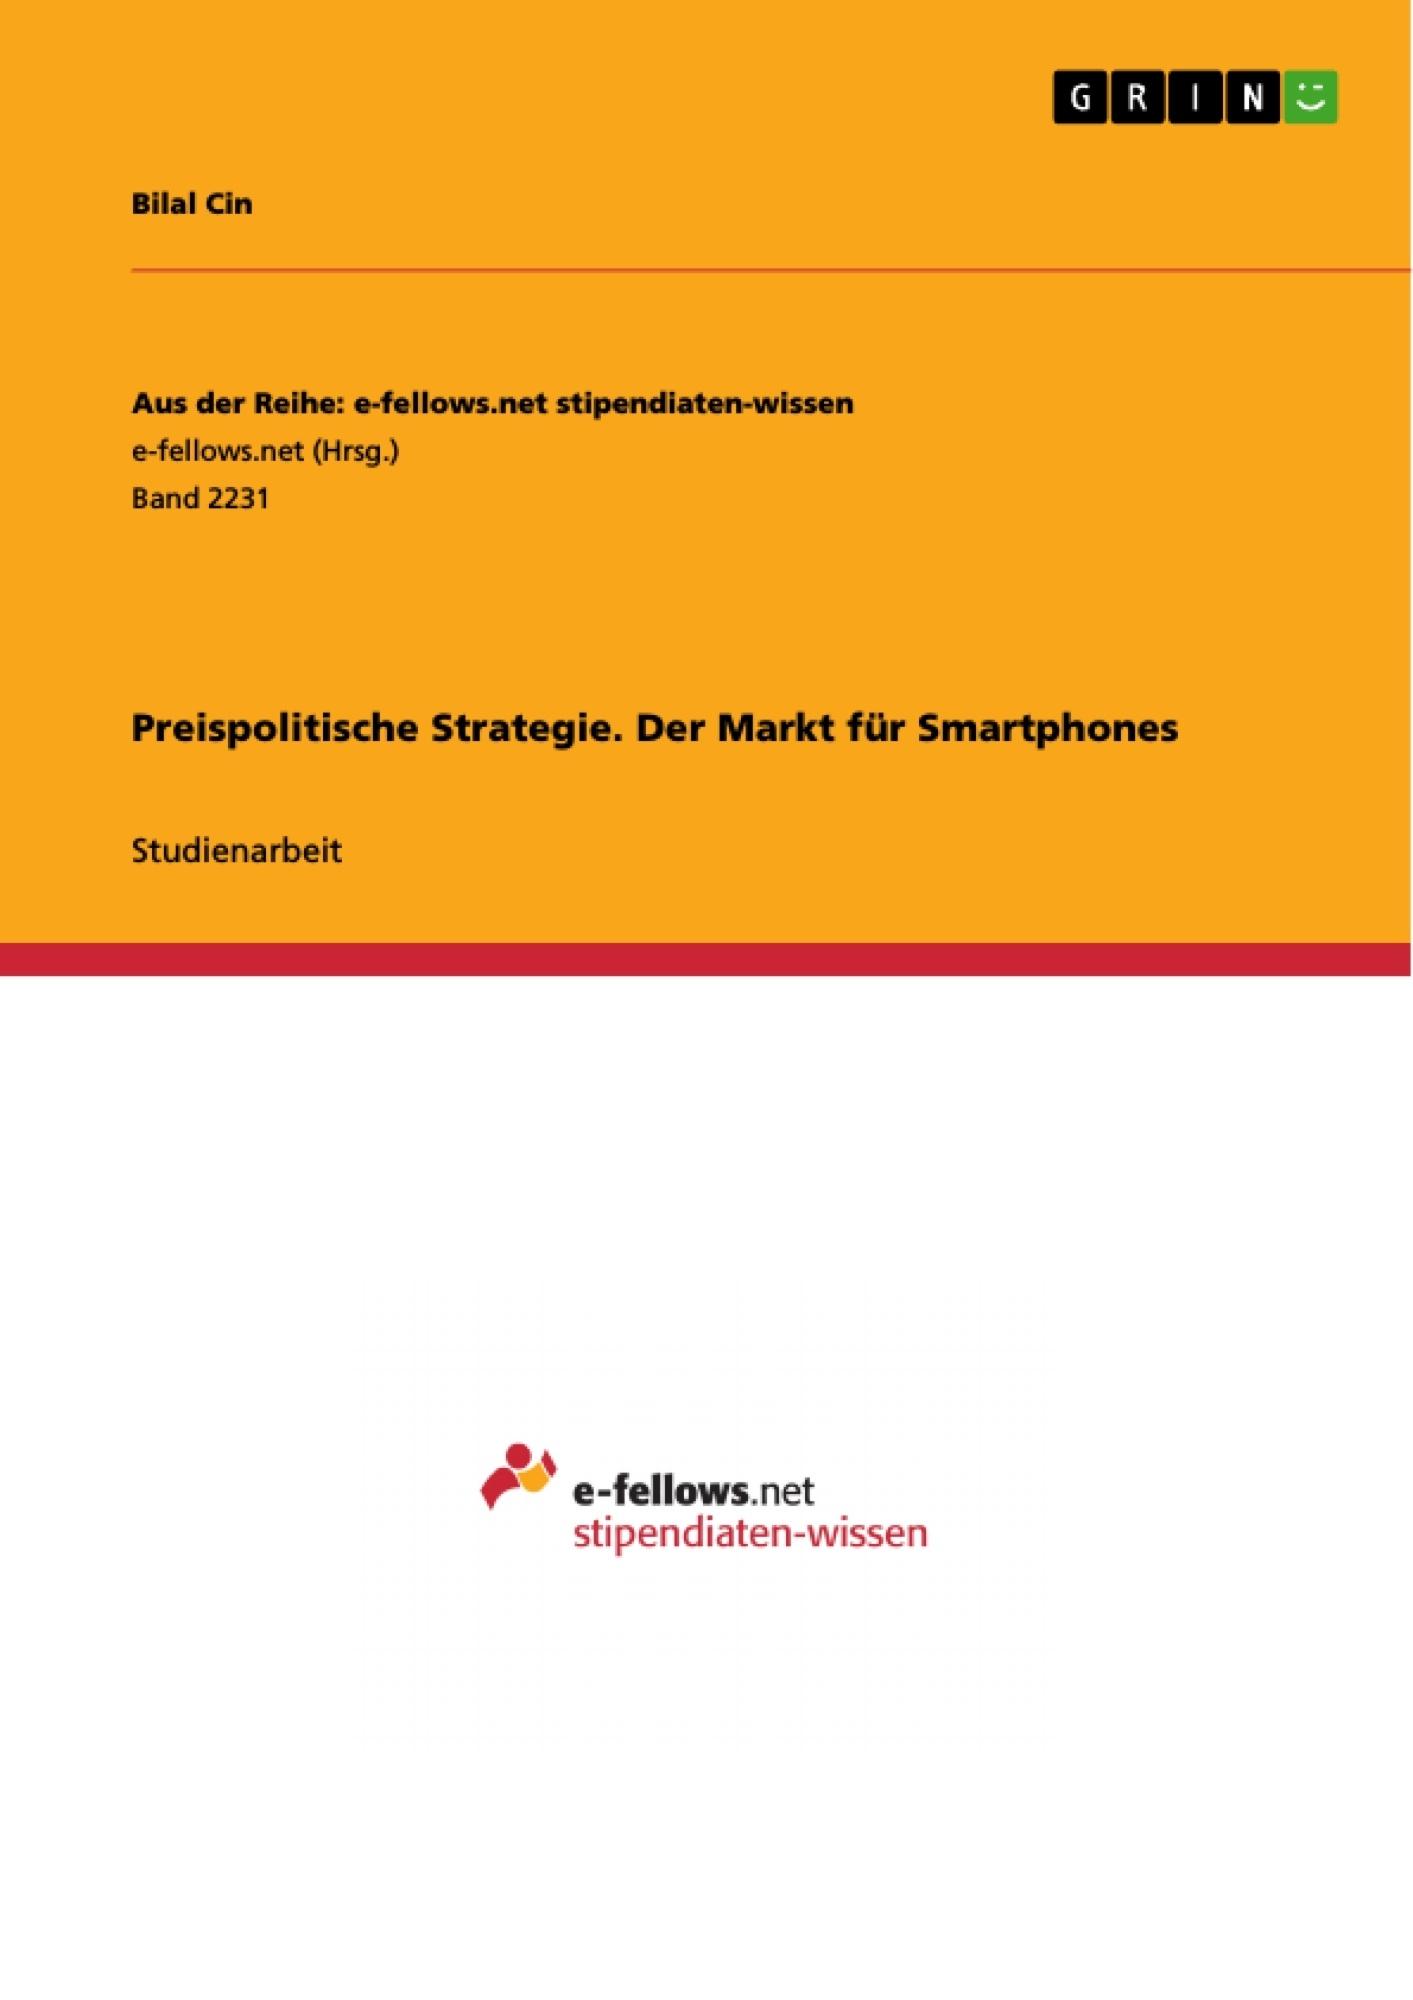 Titel: Preispolitische Strategie. Der Markt für Smartphones